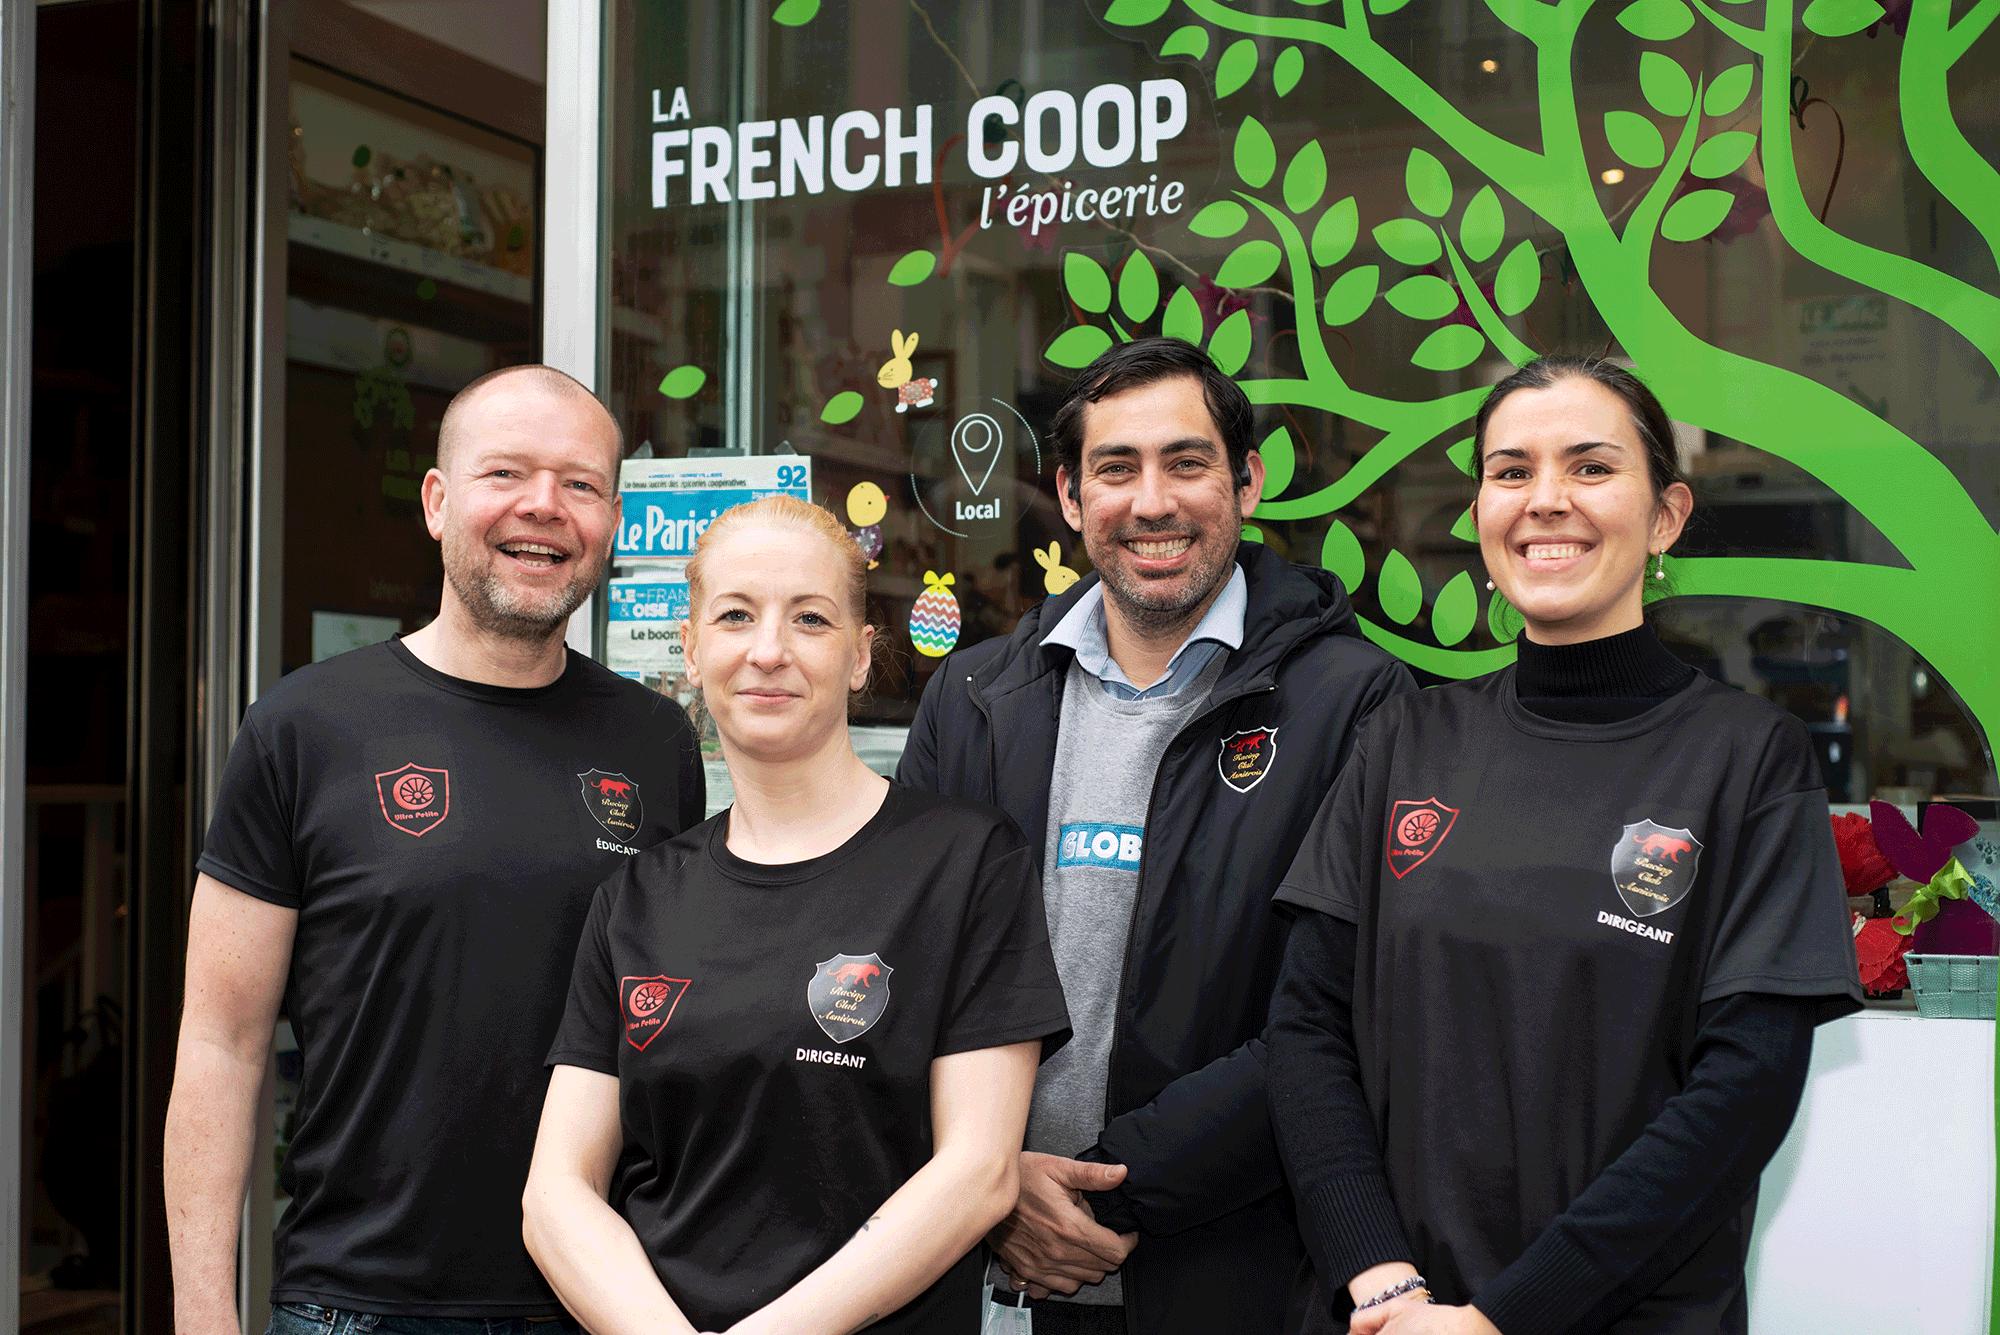 Les Quatre Fantastiques : Pascal, Marjolaine, Ignacio et Mathilde devant l'épicerie La French Coop. Photo : Mary-Lou Mauricio